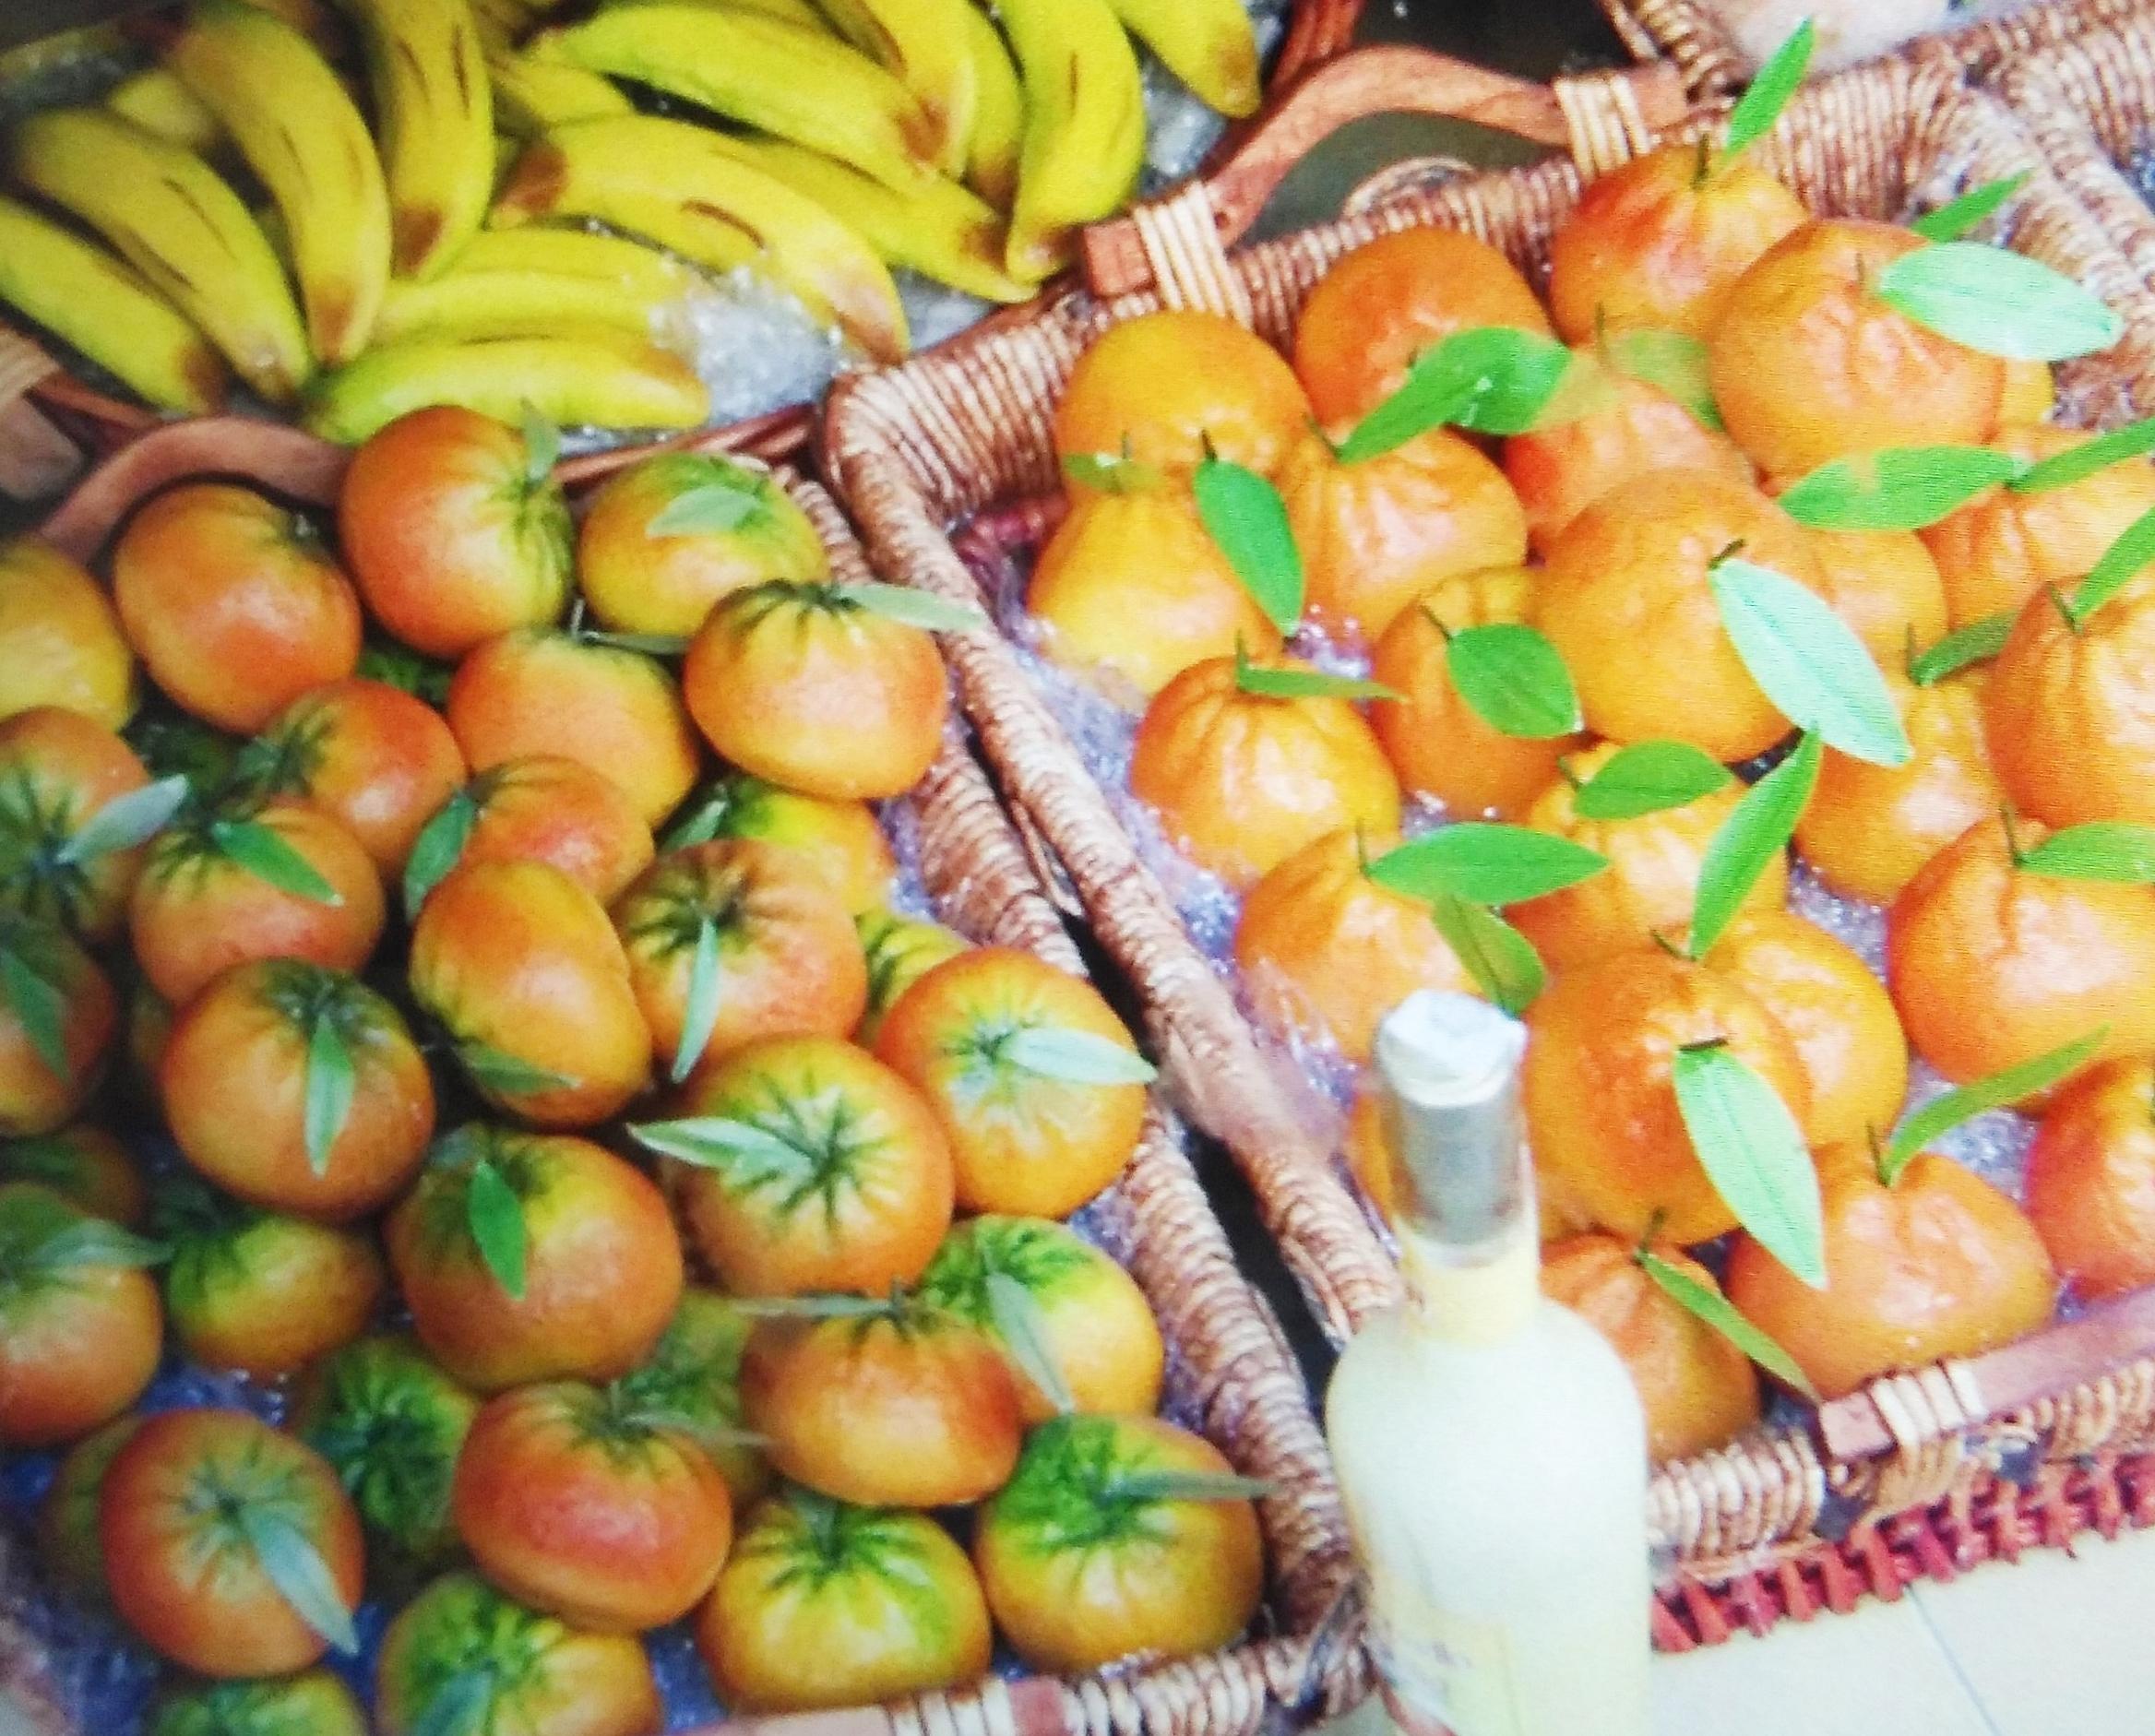 ファミマのフルーツポンチが!見た目が涼やかで可愛いけど味?4